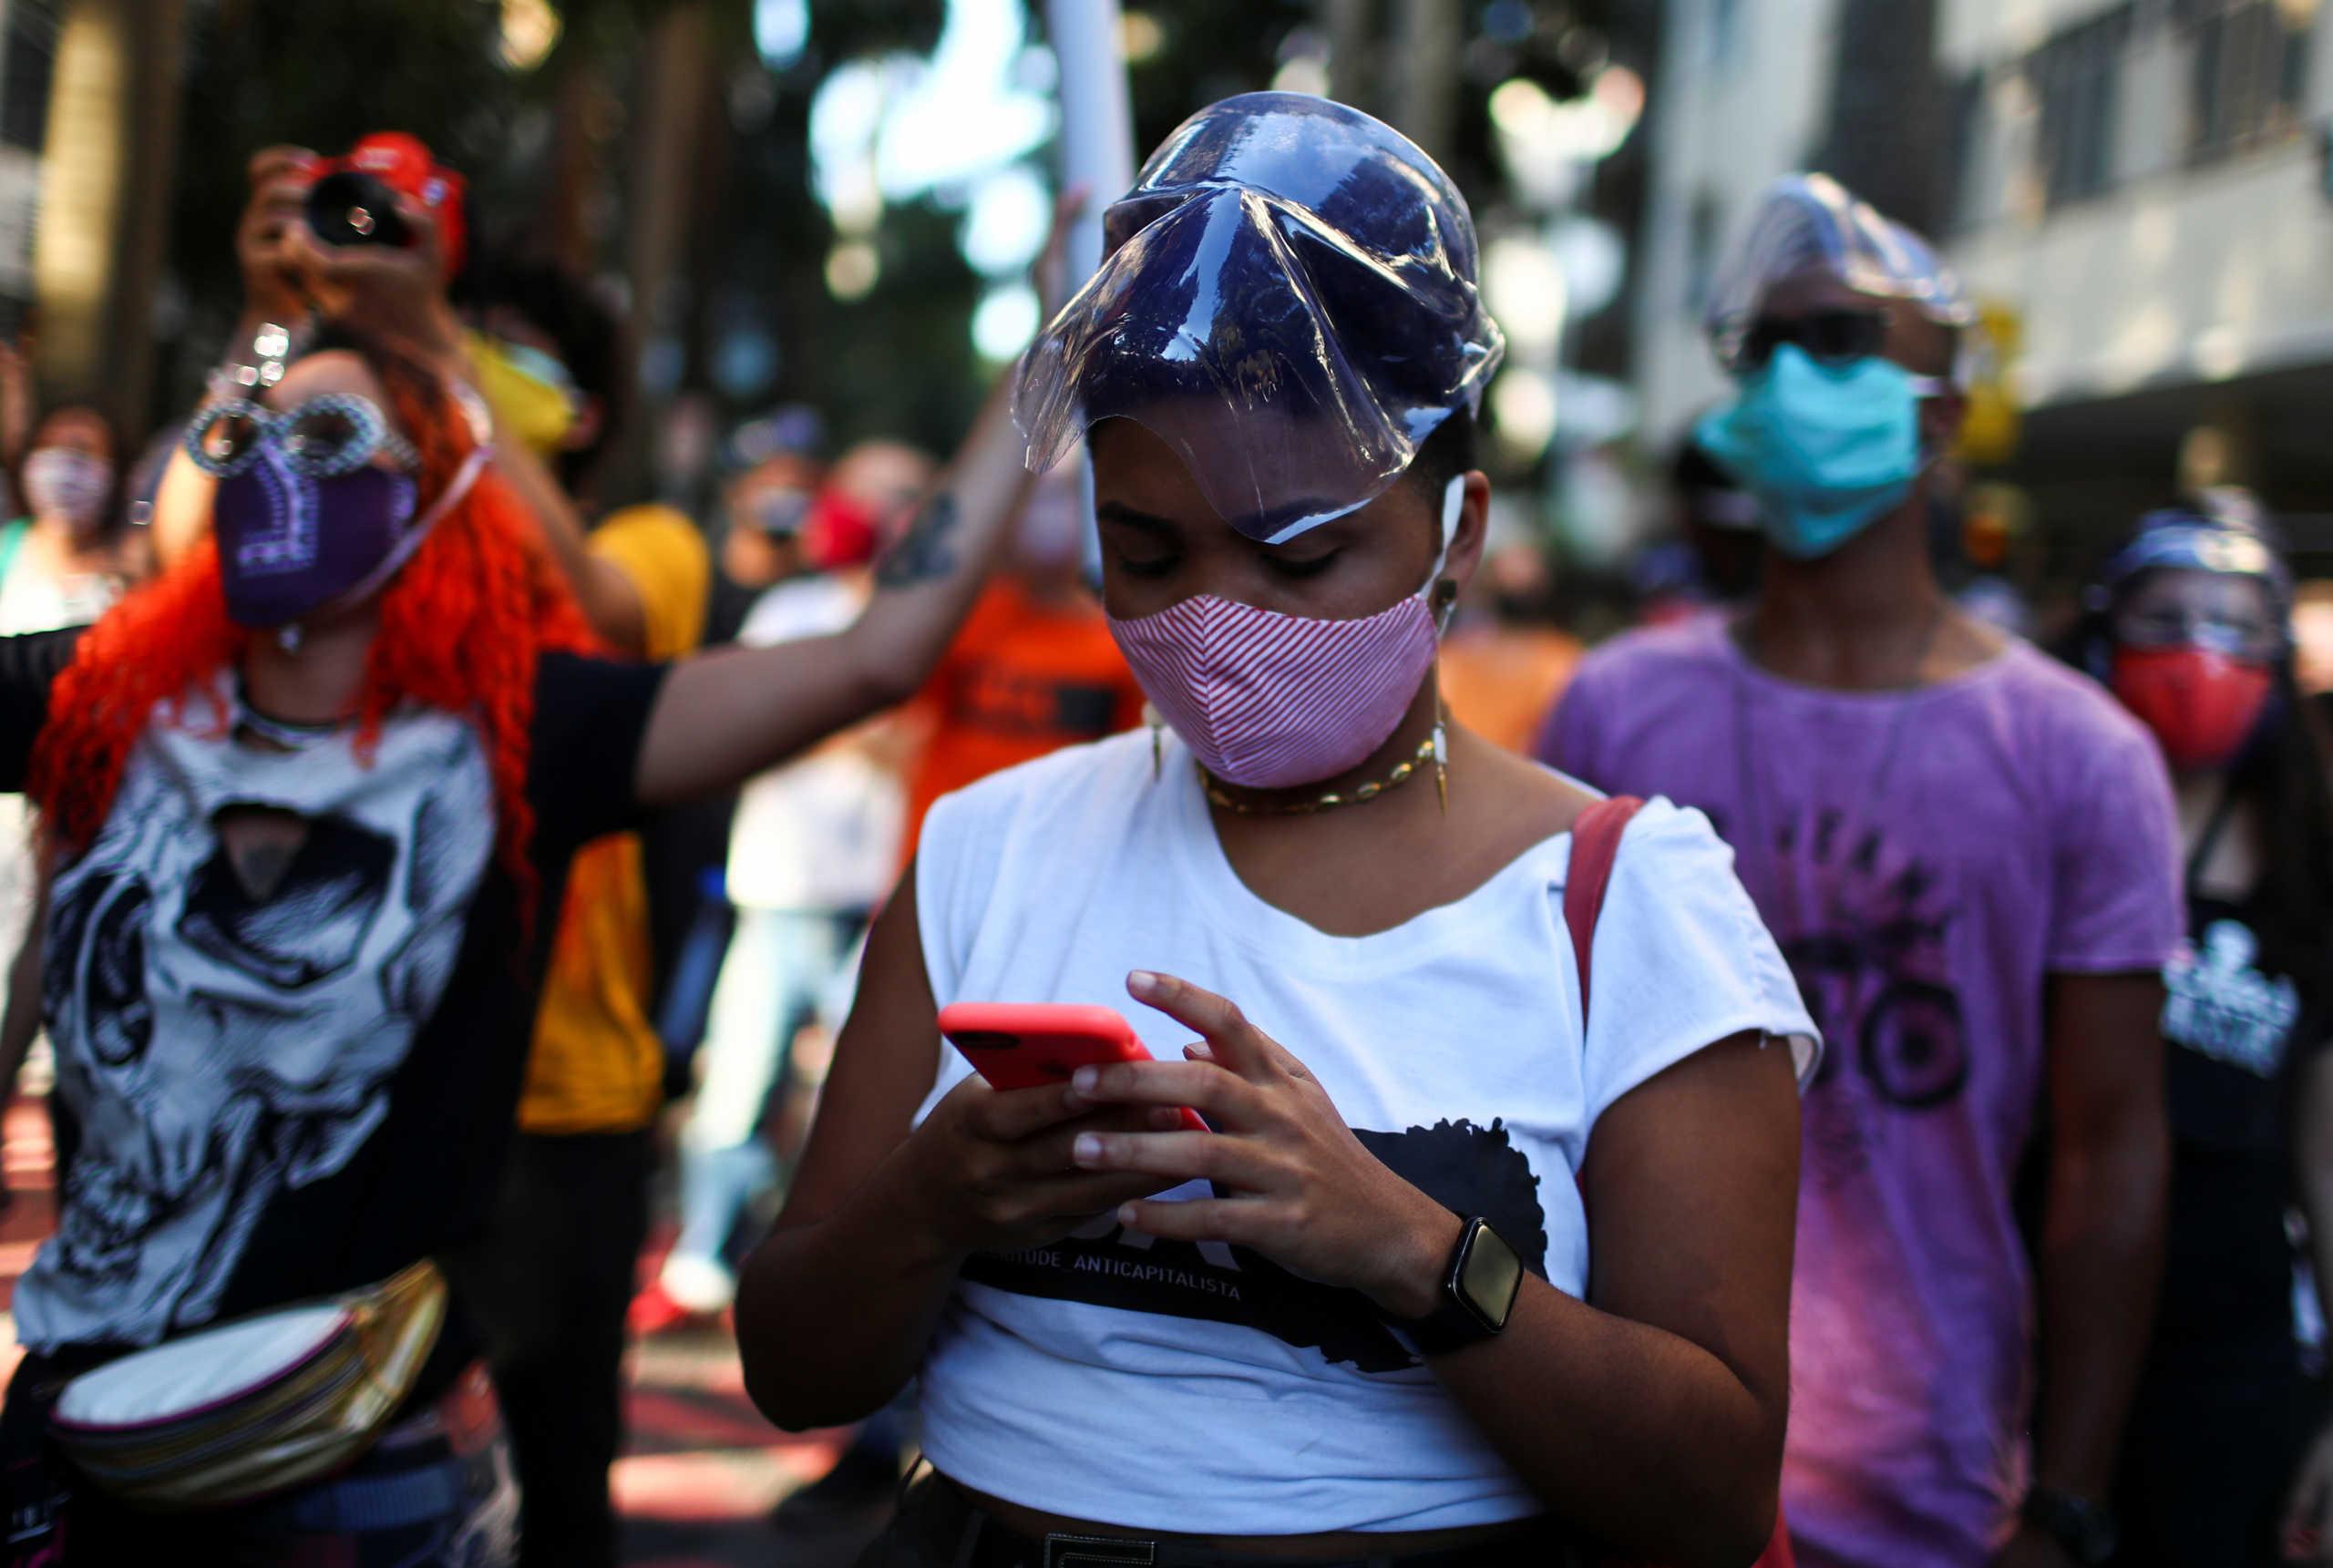 Κορονοϊός: Οι κάτοικοι στο Μανάους της Βραζιλίας φέρεται ότι απέκτησαν συλλογική ανοσία